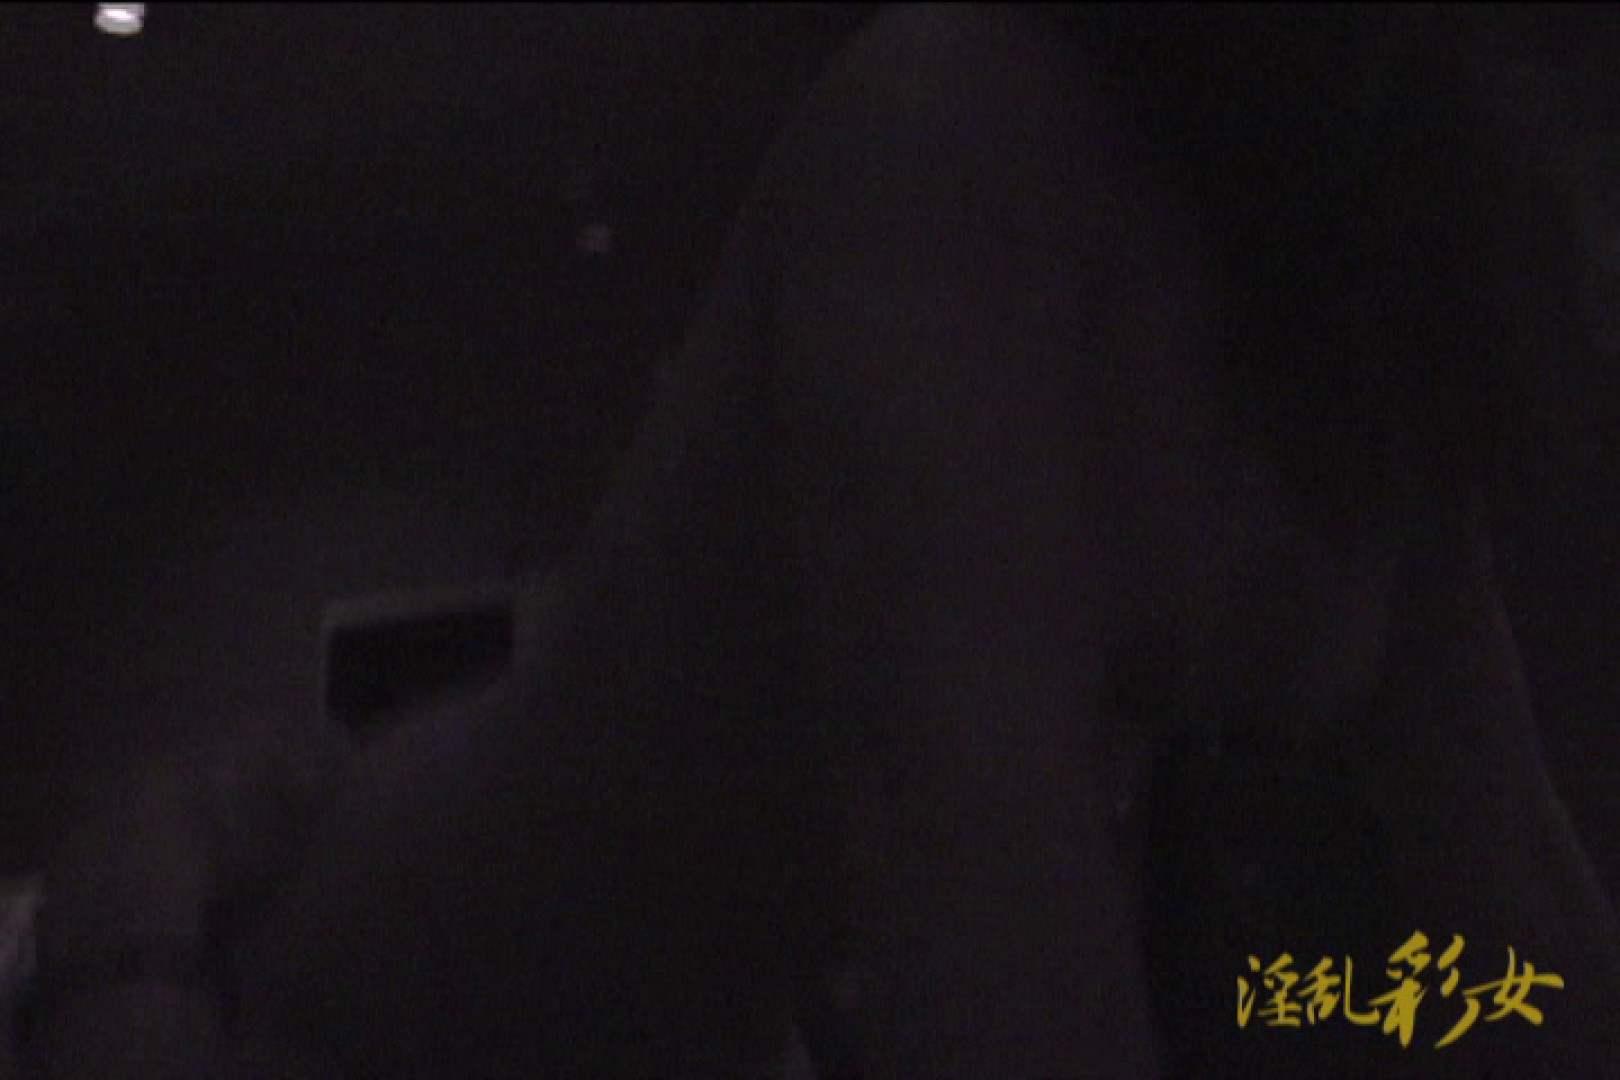 アダルトエロ動画|淫乱彩女 麻優里 旦那の前で王様ゲーム|大奥